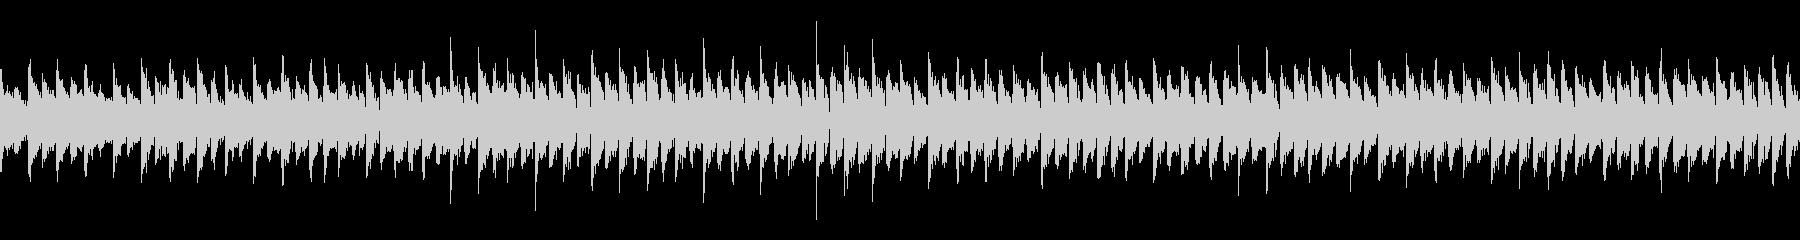 スクエア波形シンセの長めなループの未再生の波形